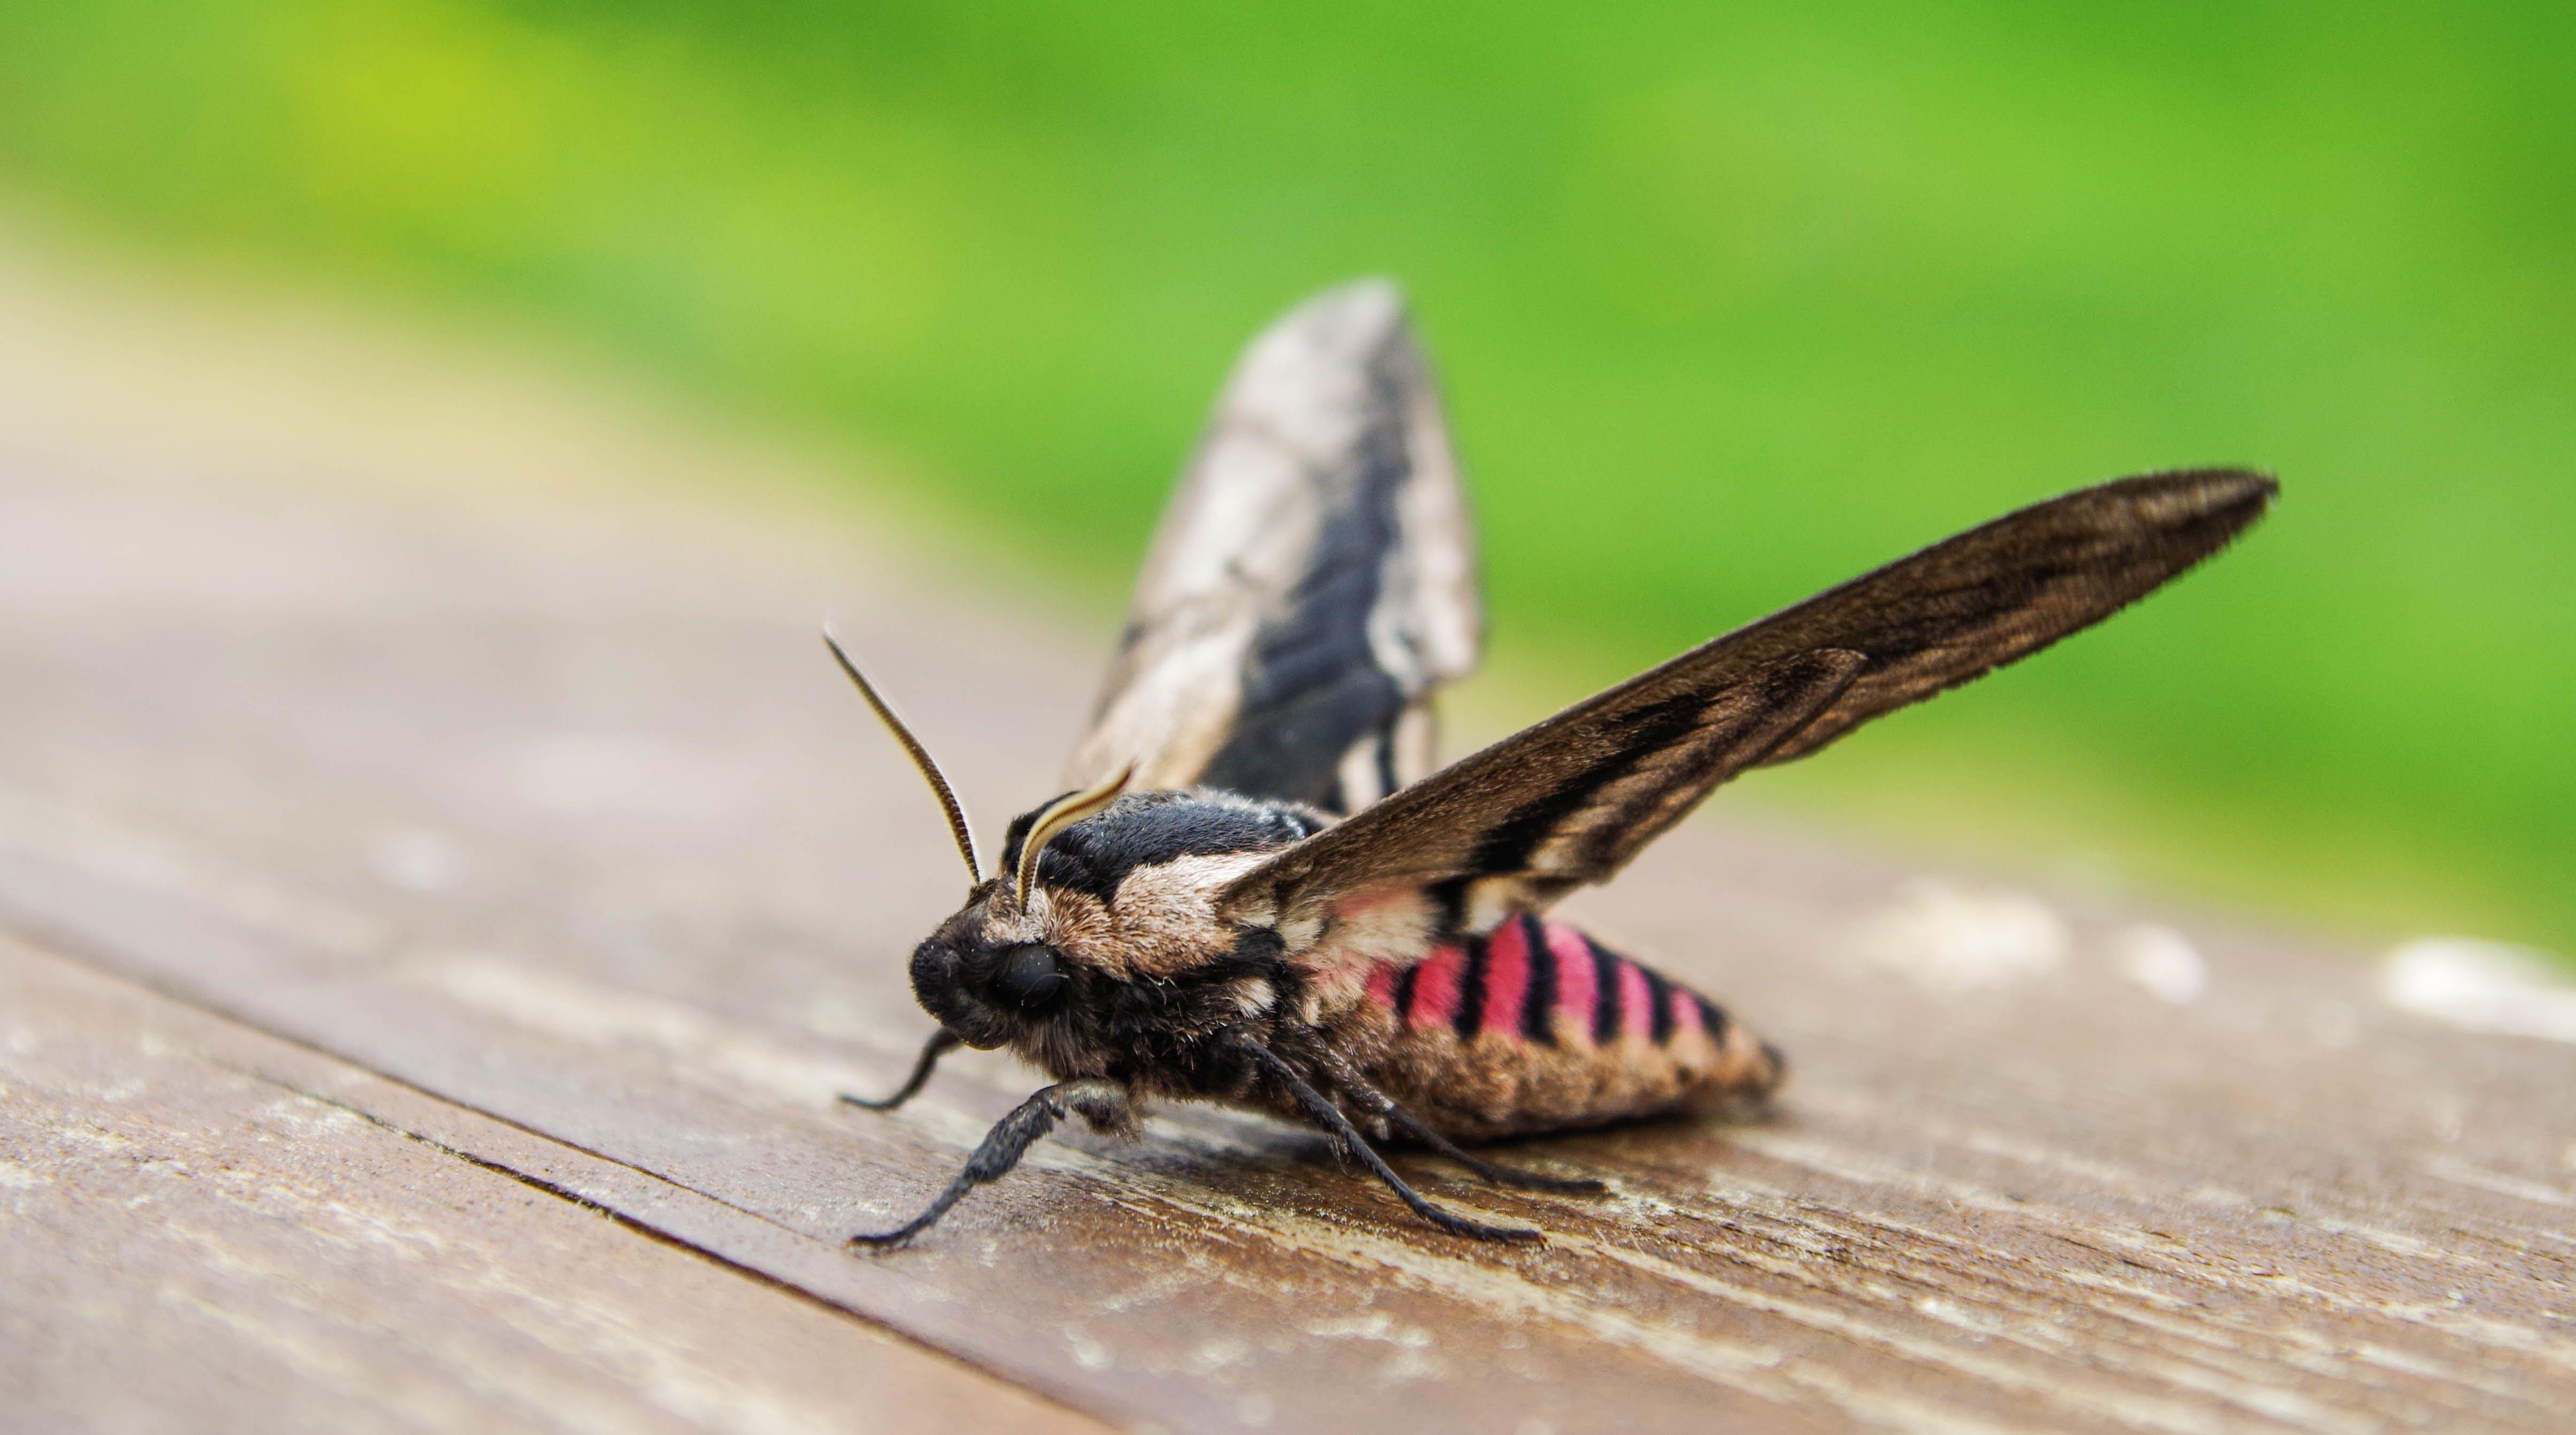 Kostenloses Stock Foto zu entomologie, farben, flügel, insekt